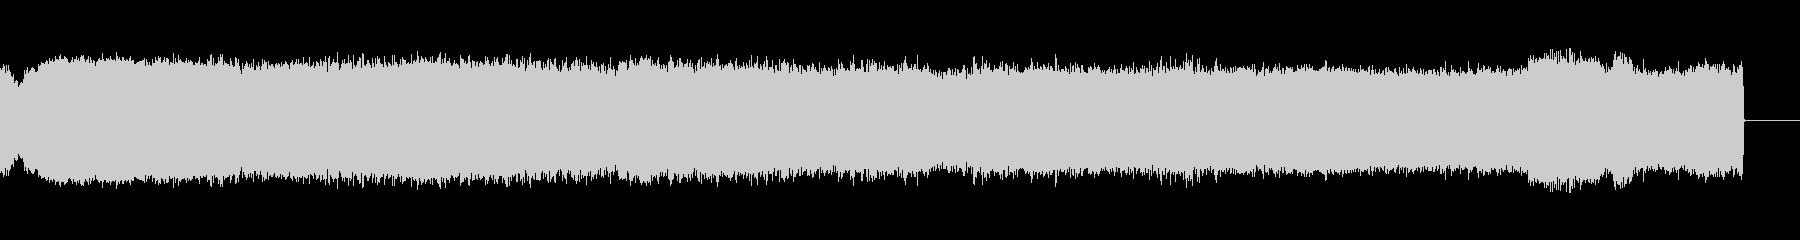 コンピュータースパイクタイプ2の未再生の波形